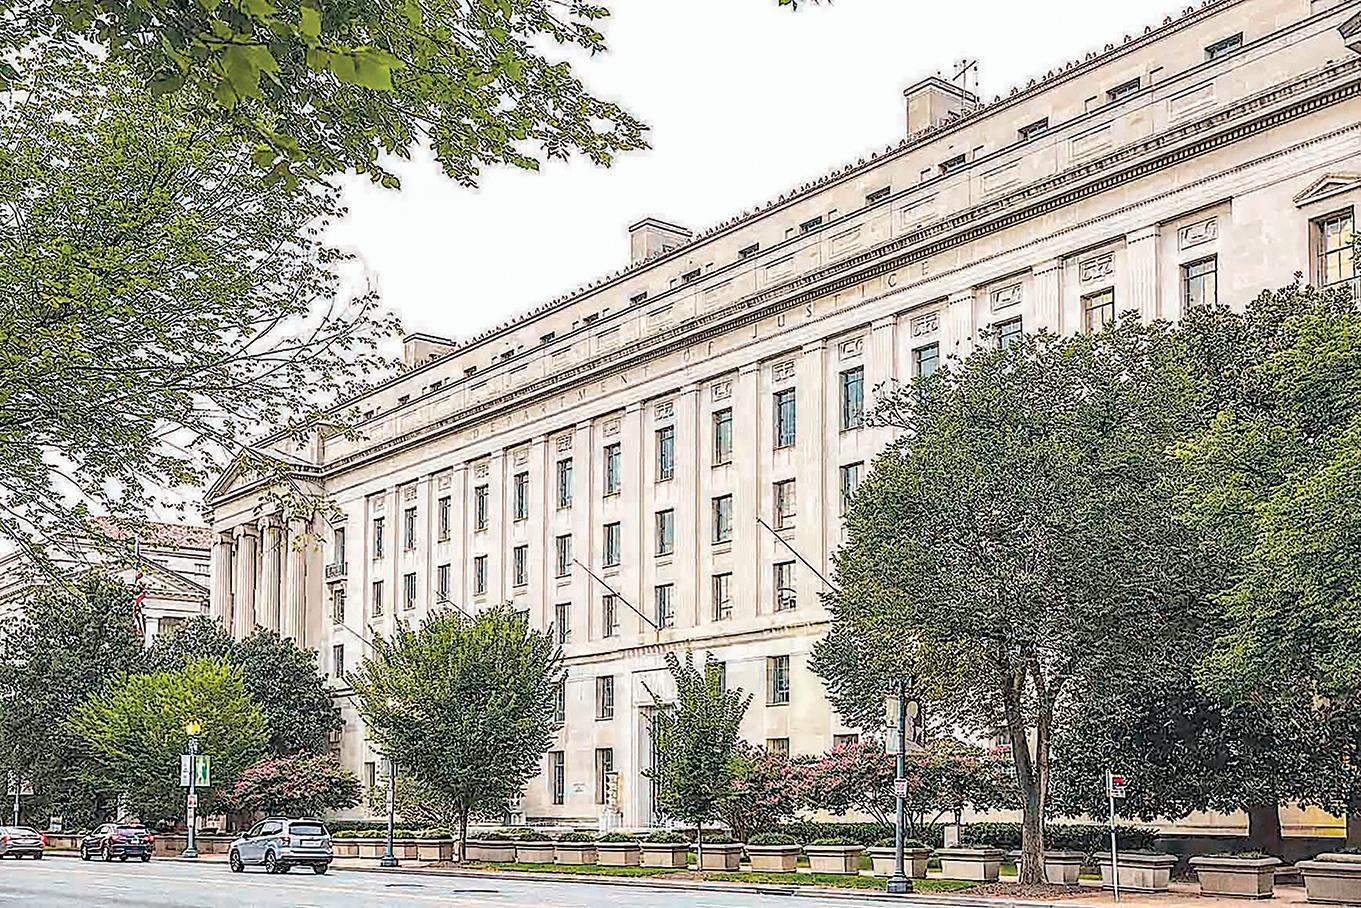 美國持續打擊中共盜竊美國科技,日前一對美籍華裔夫婦被控從俄亥俄州一家兒童醫院竊取商業秘密,或面臨最高30年監禁。圖為美國司法部大樓。(大紀元資料室)